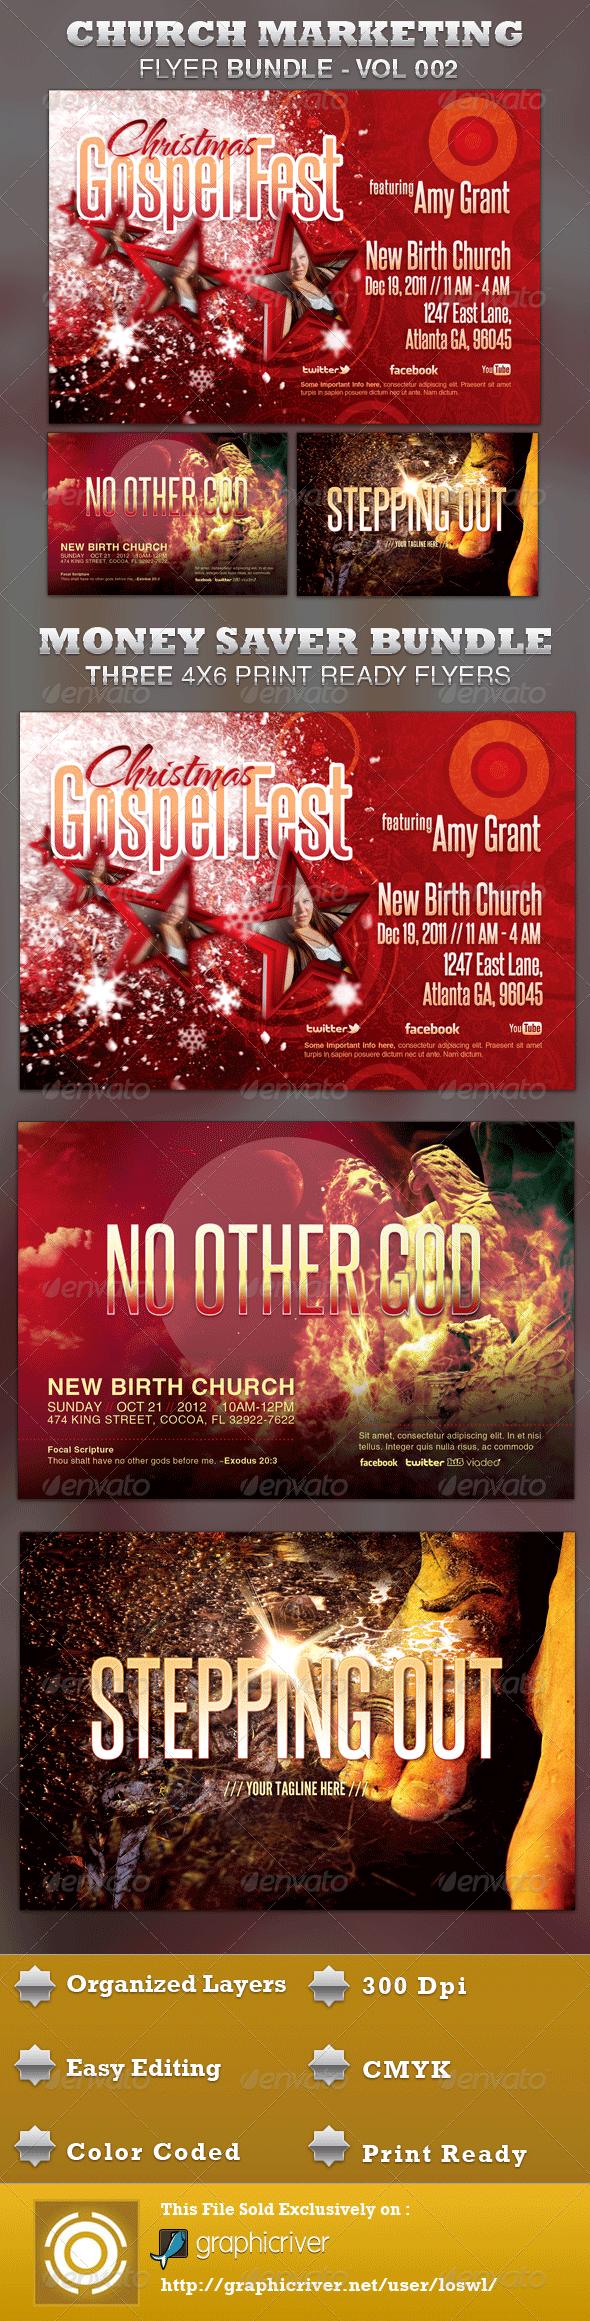 Church Marketing Flyer Bundle Vol-002 - Church Flyers